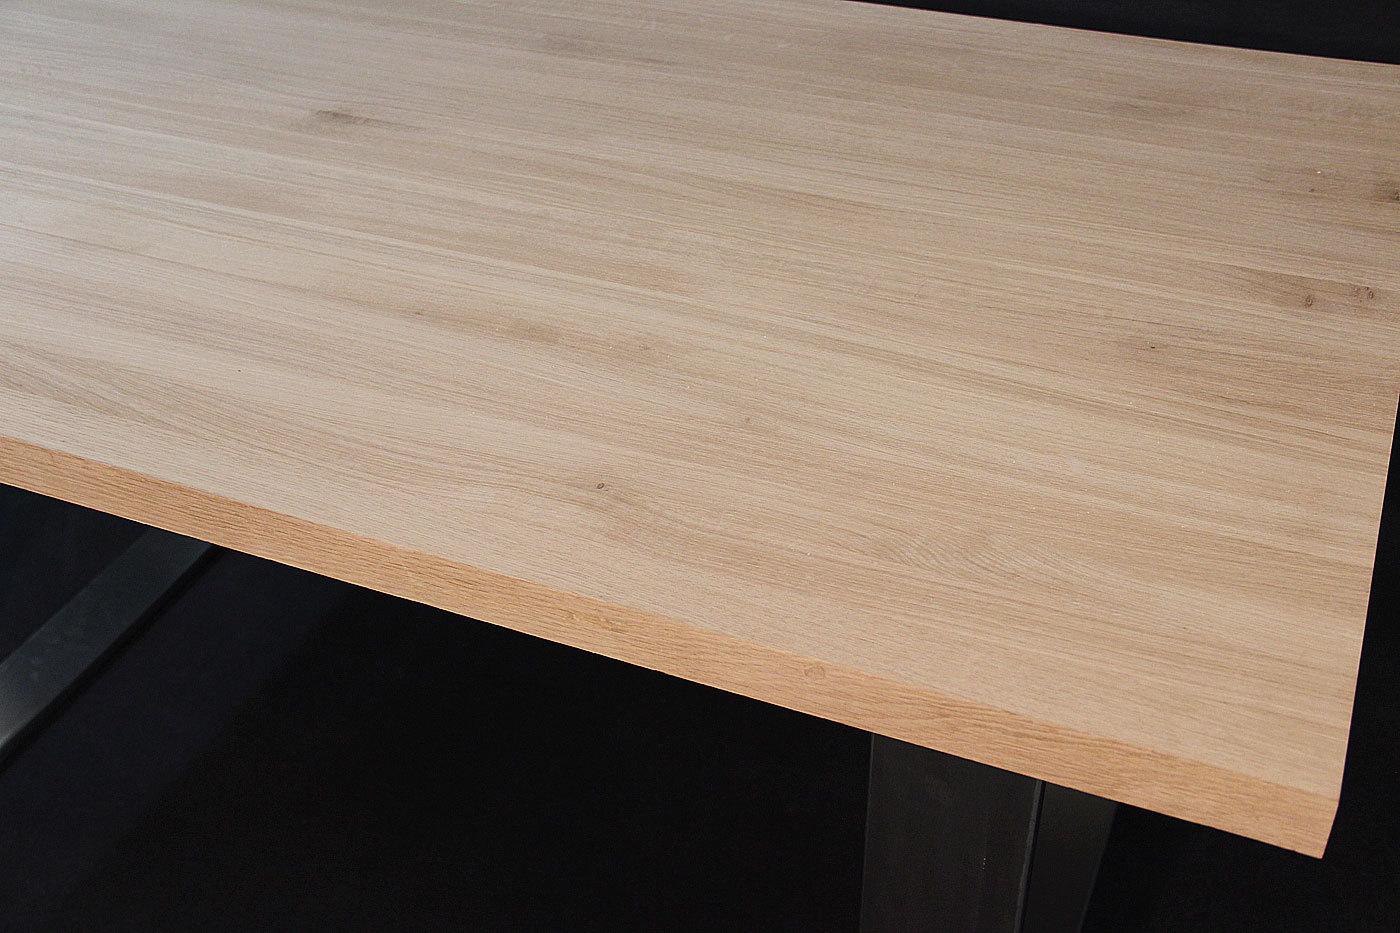 Tischplatte massivholz eiche  Massivholz Eiche DL 40/1800/900